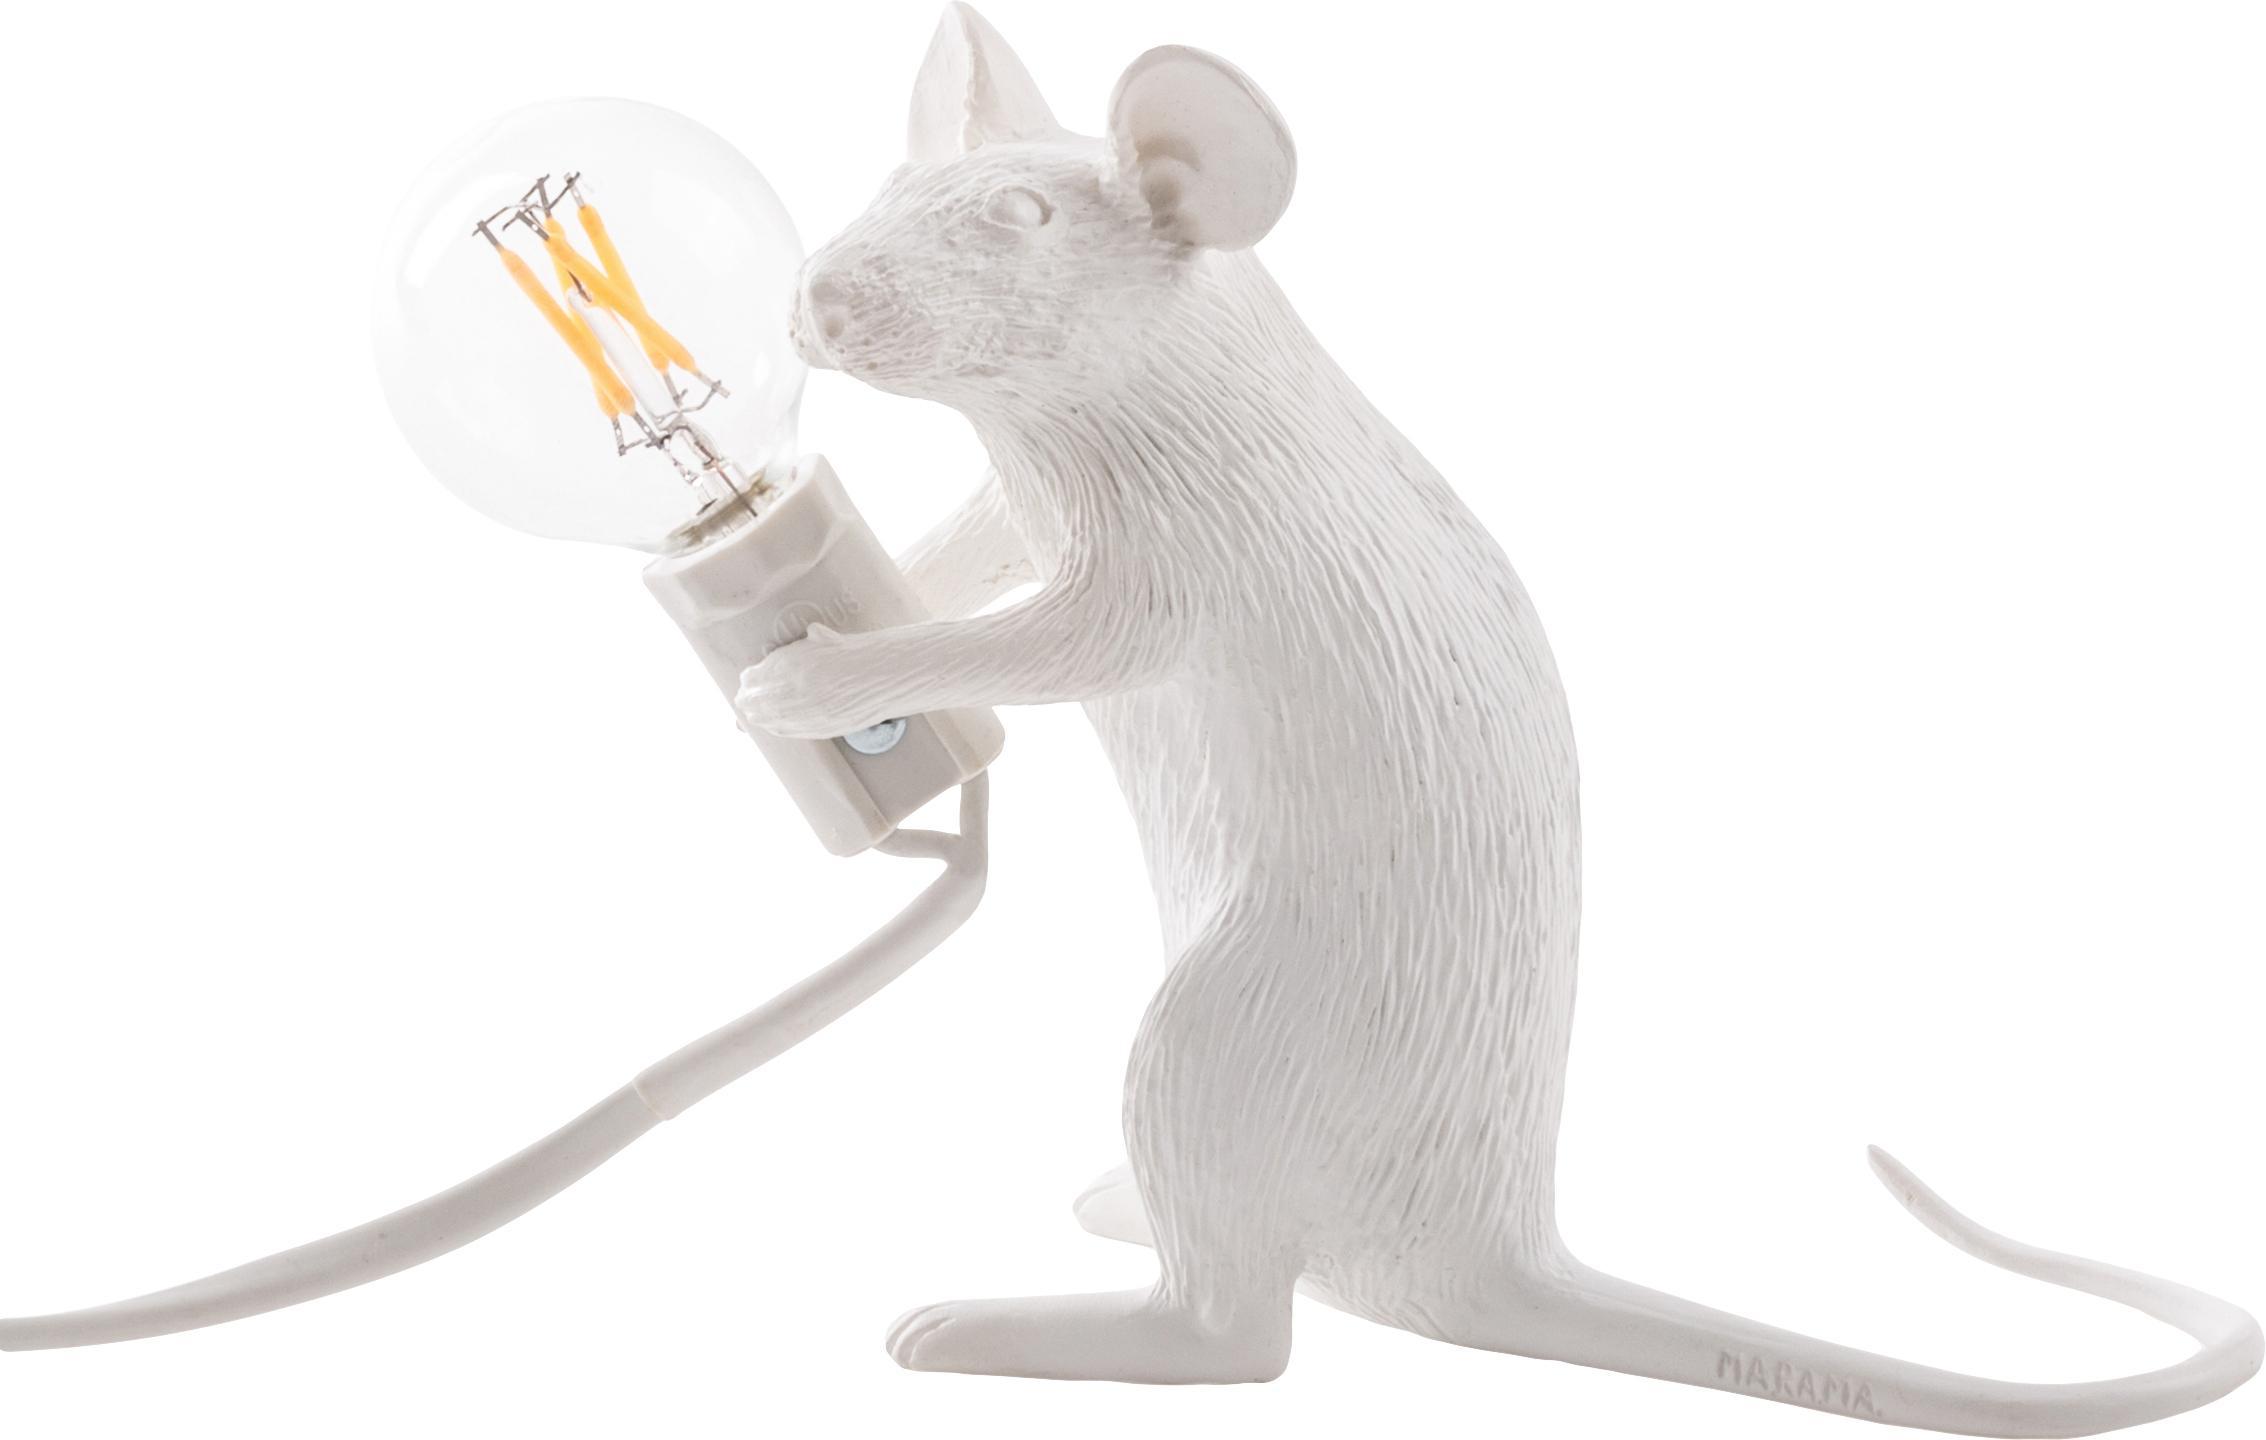 Lampa stołowa Mouse, Żywica syntetyczna, Biały, S 5 x W 13 cm